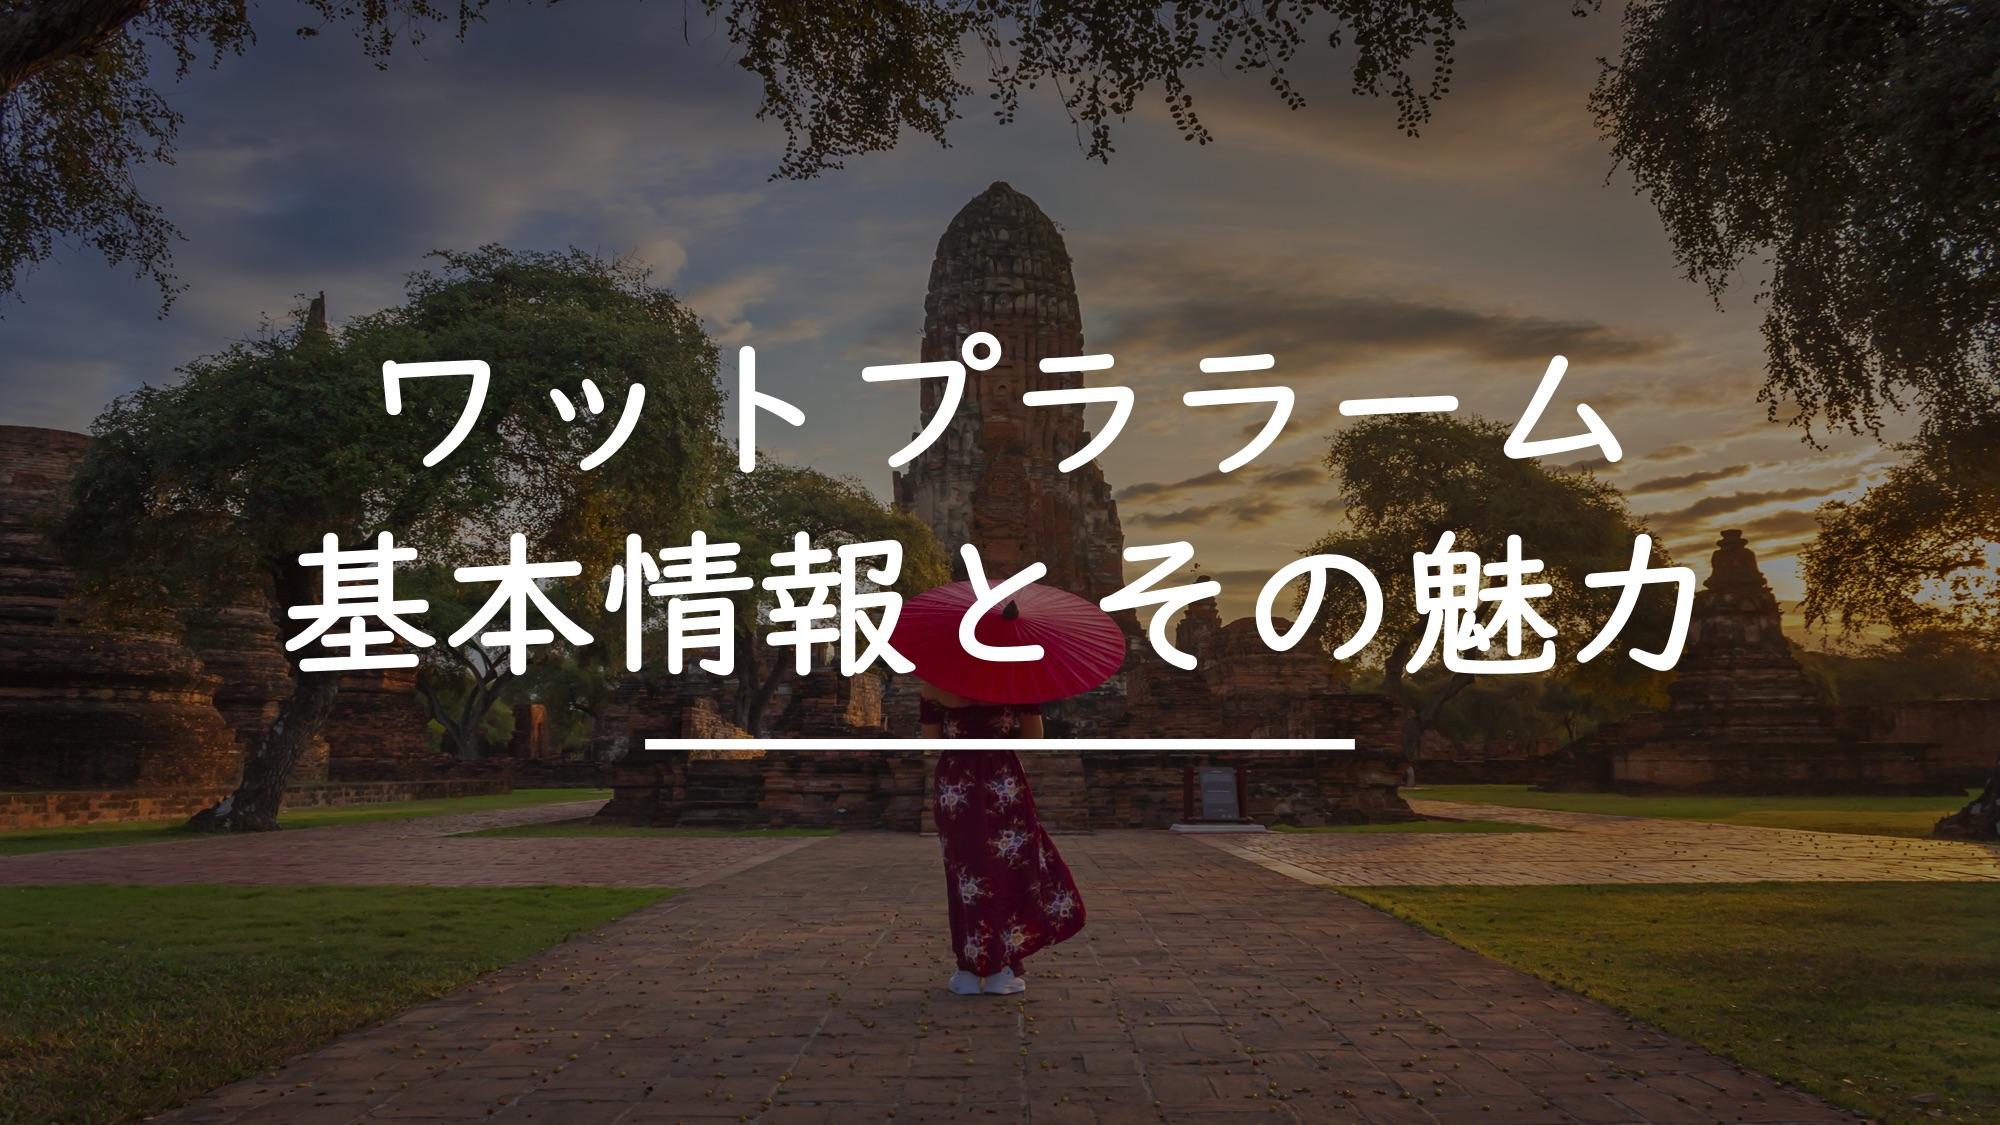 ワット プララームの基本情報や見所とは(Wat Phra Ram)